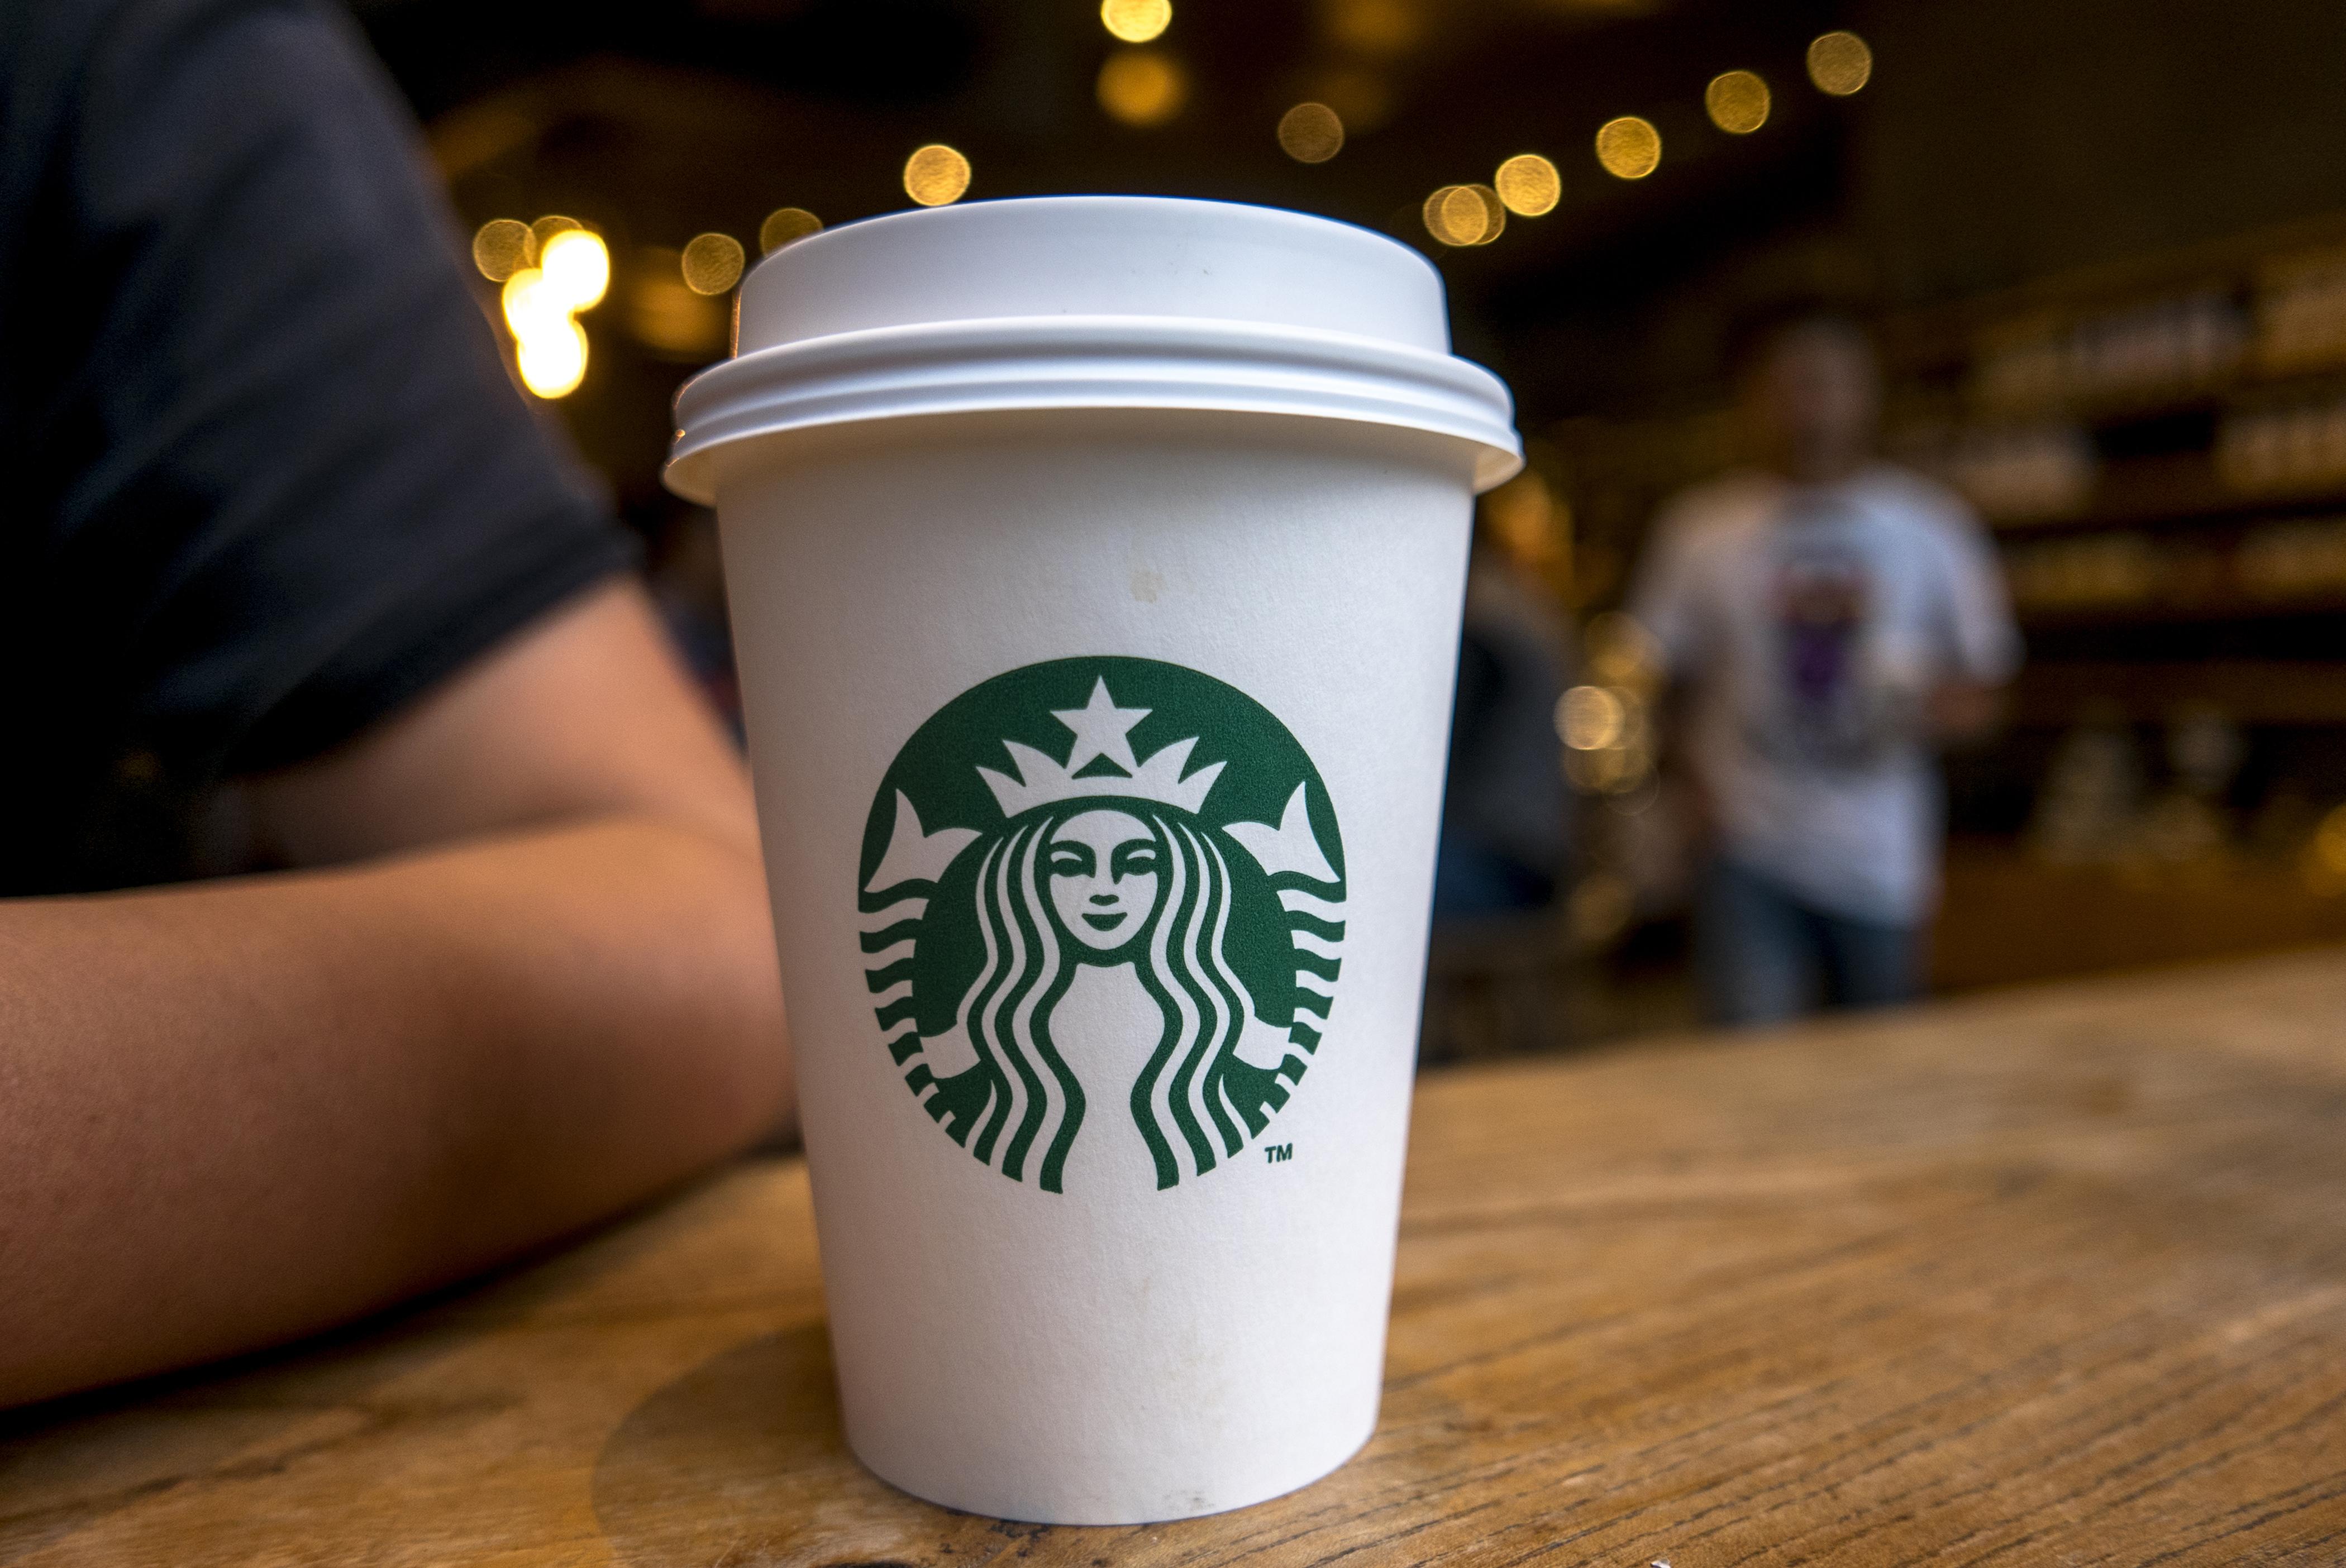 Starbucks Corporation произносится Старбакс американская компания по продаже кофе и